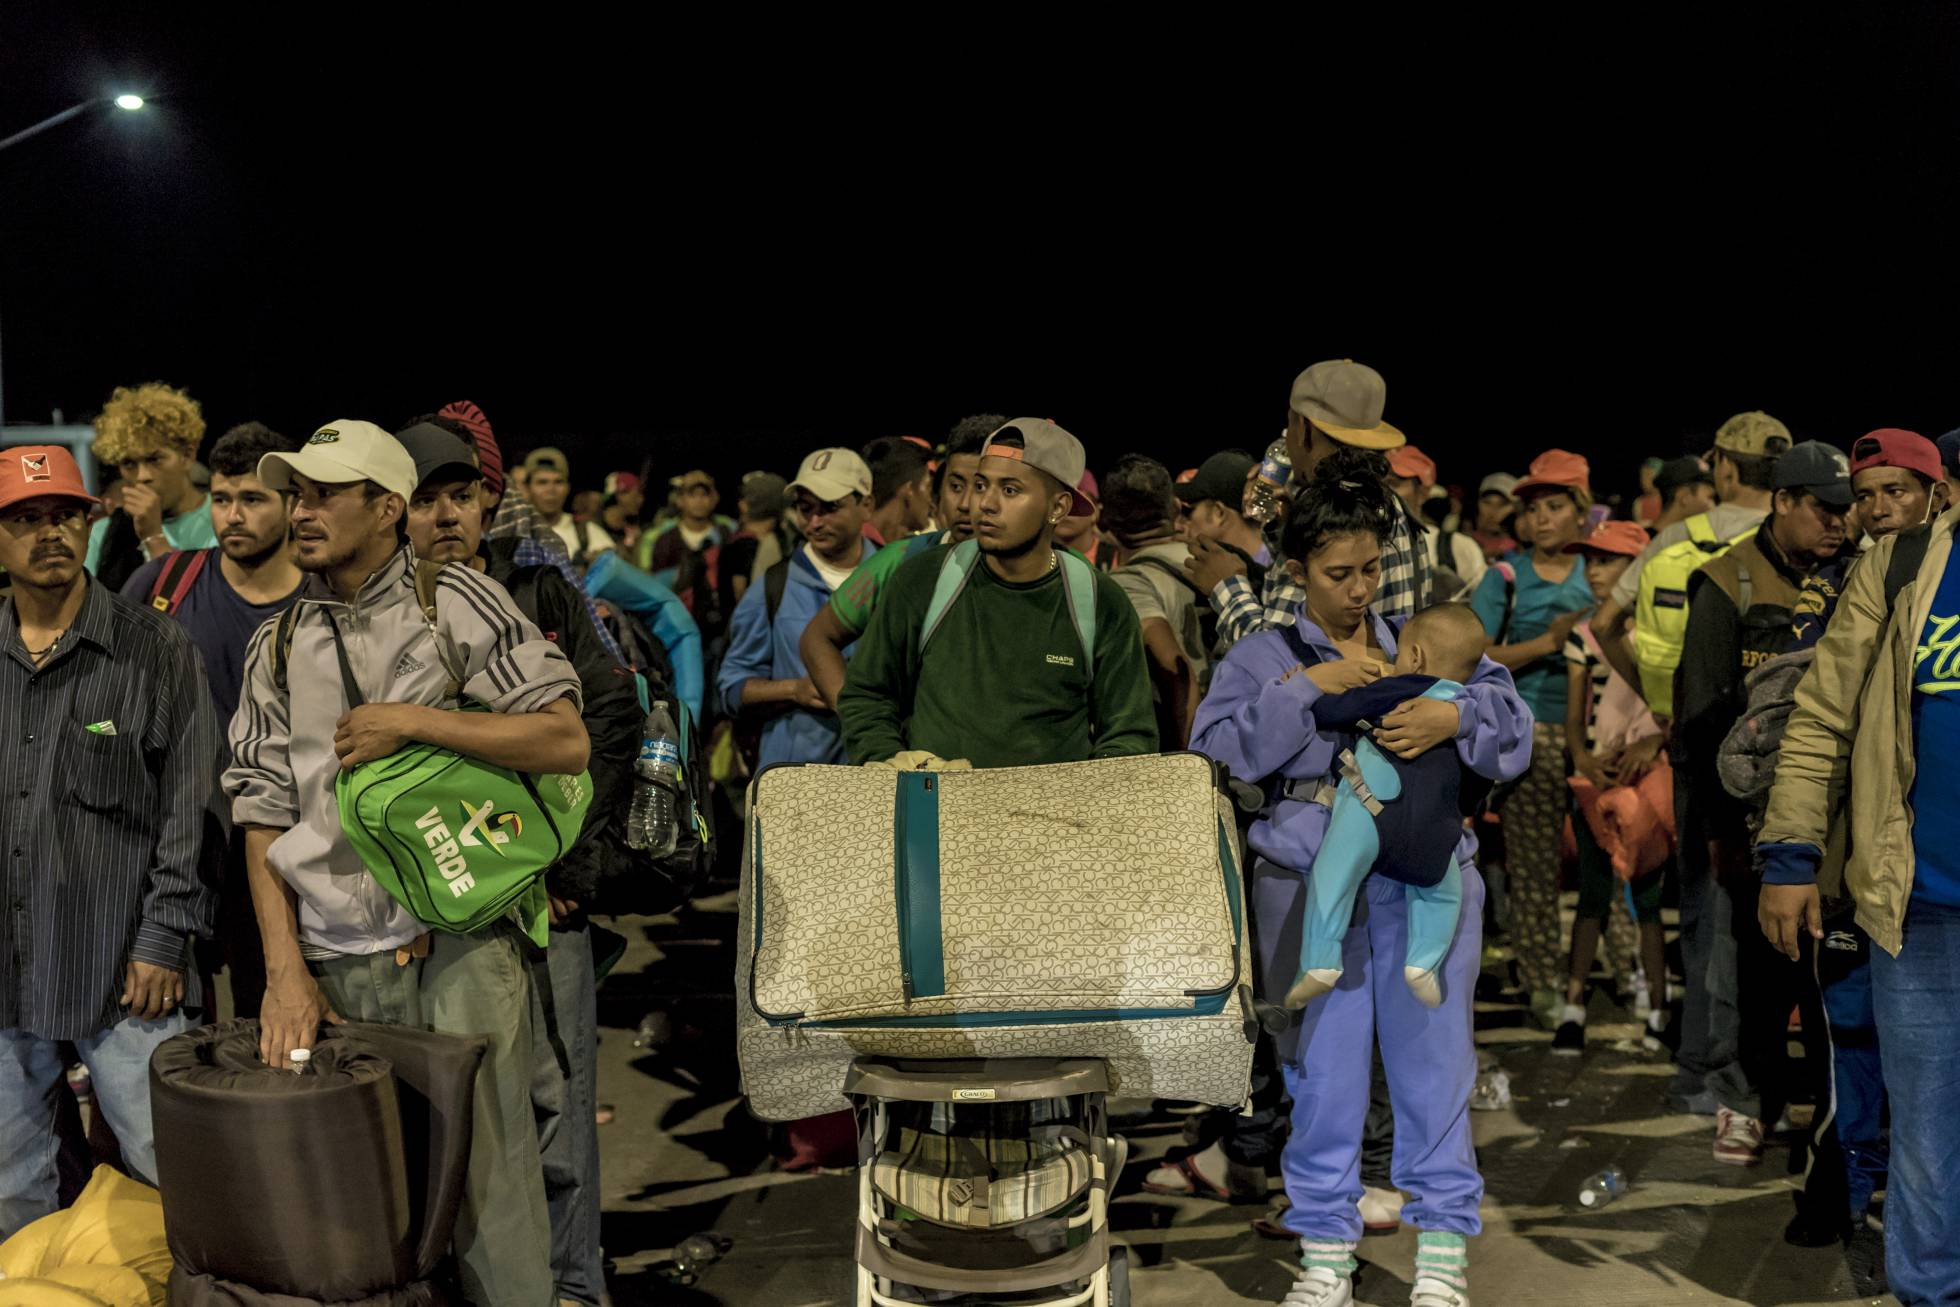 México negocia con Trump un 'plan Marshall' para la migración de Centroamérica